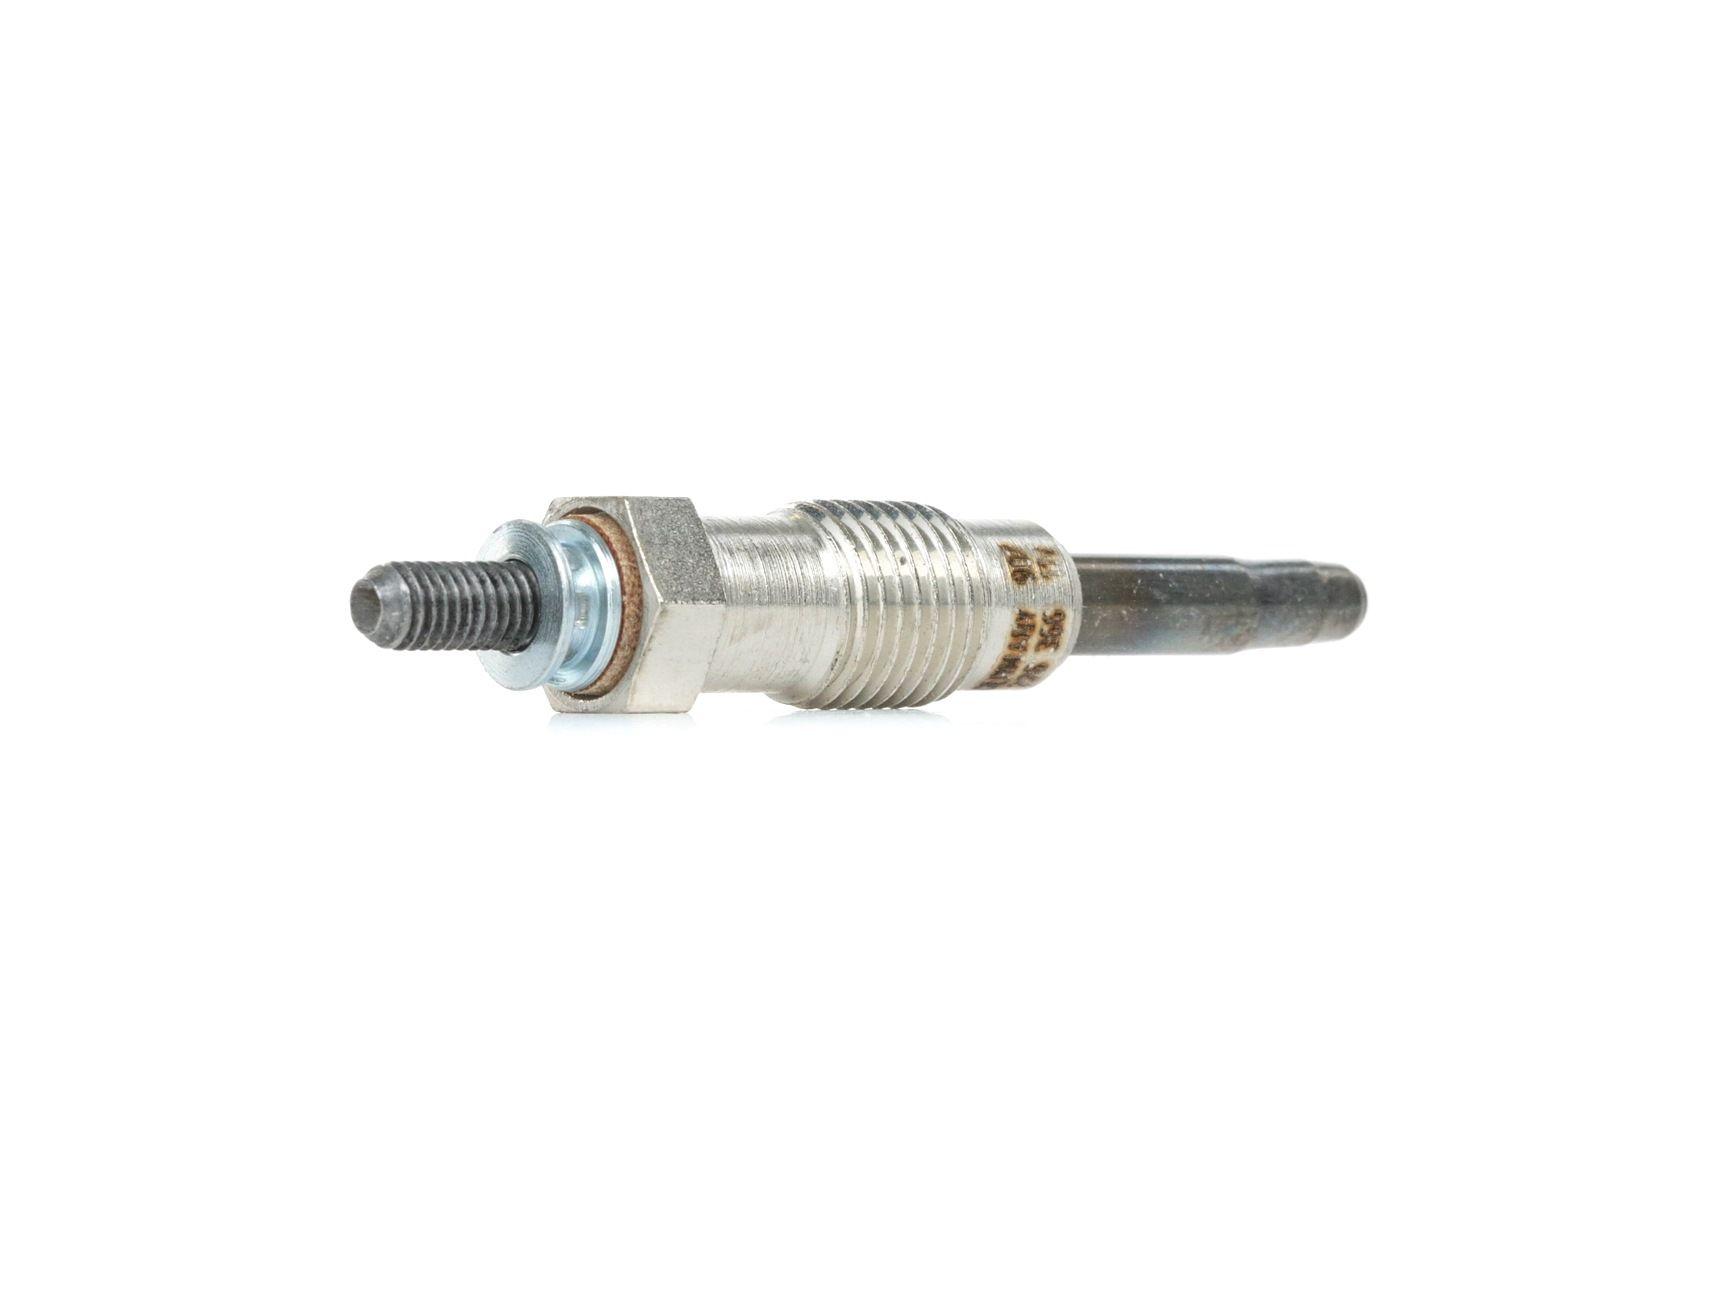 Achetez Bougie de préchauffage BERU GN013 (Filetage: M12x1,25) à un rapport qualité-prix exceptionnel